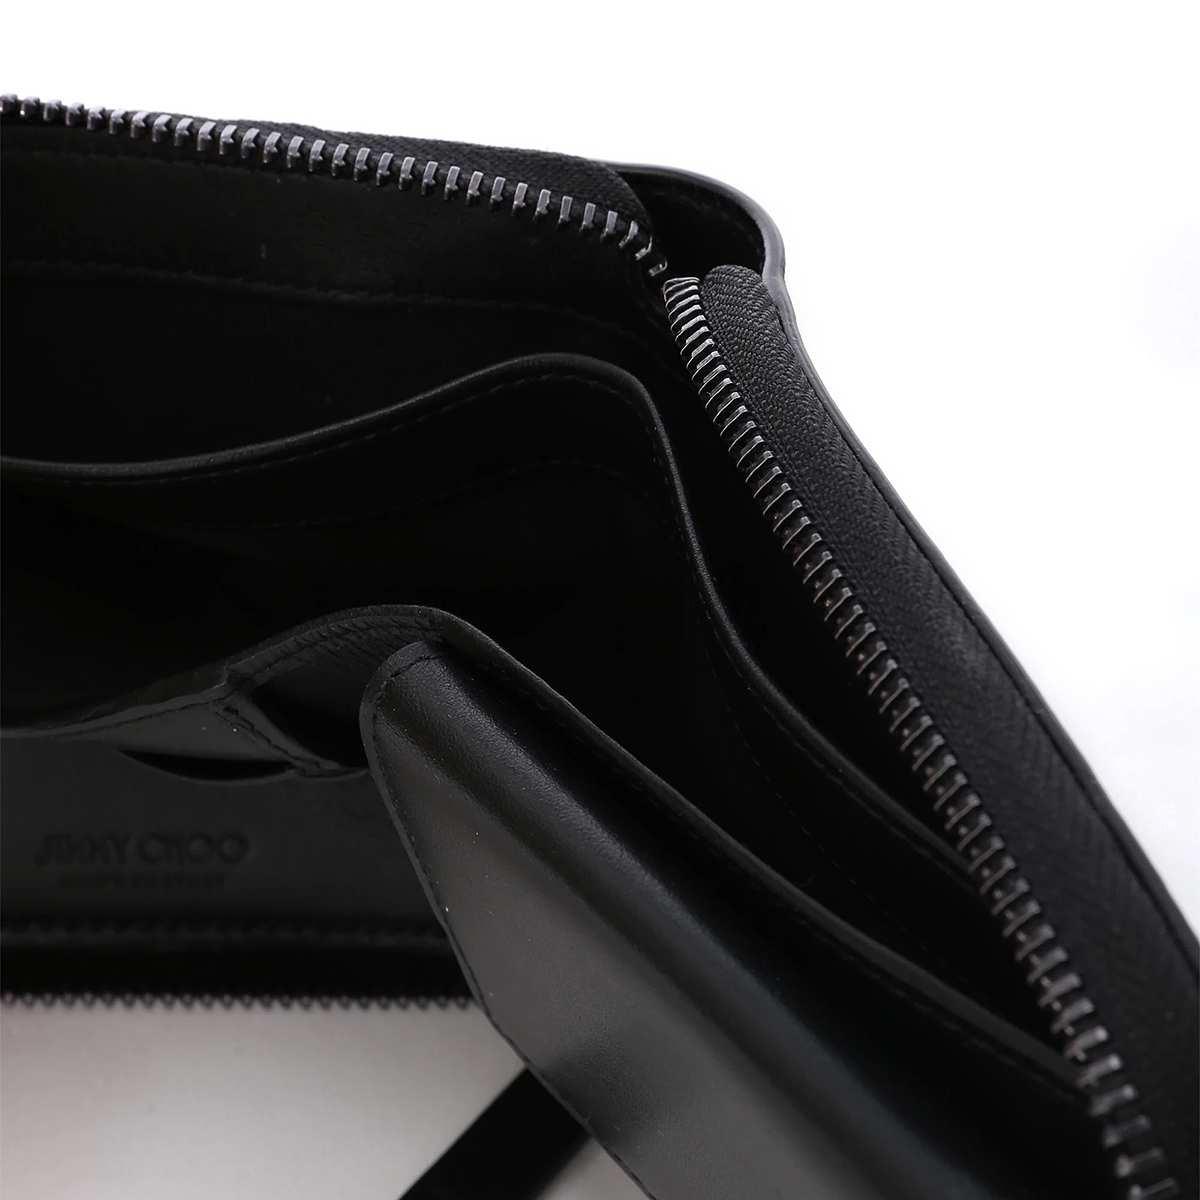 【大感謝祭】JIMMY CHOO ジミーチュウ 2つ折り 財布 小銭入れ付き/LAWRENCE メンズ